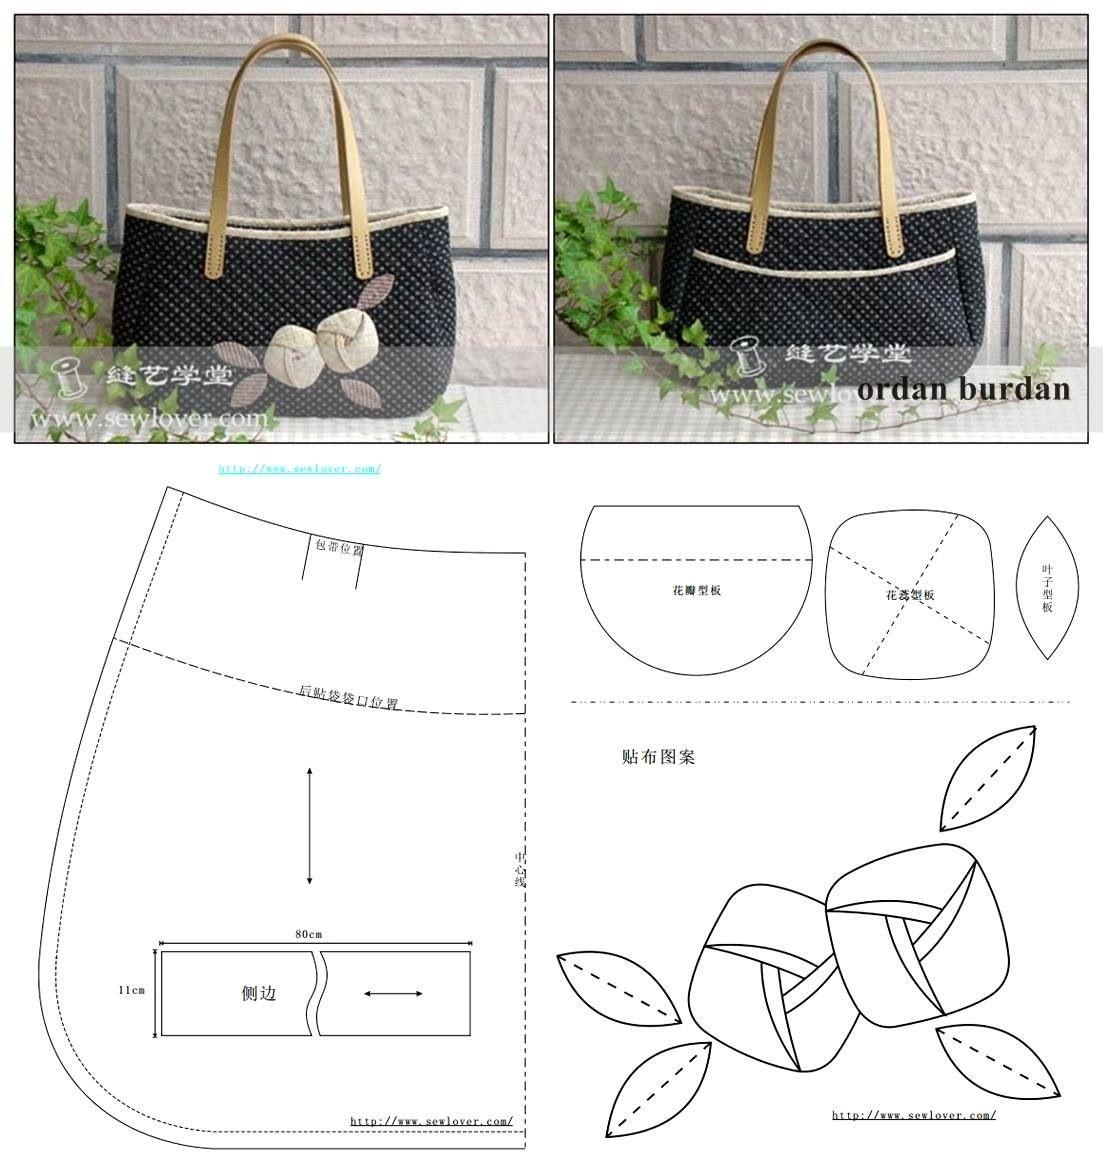 Bolsa De Tecido Pinterest : Bolsa de tecido patchwork bolsas